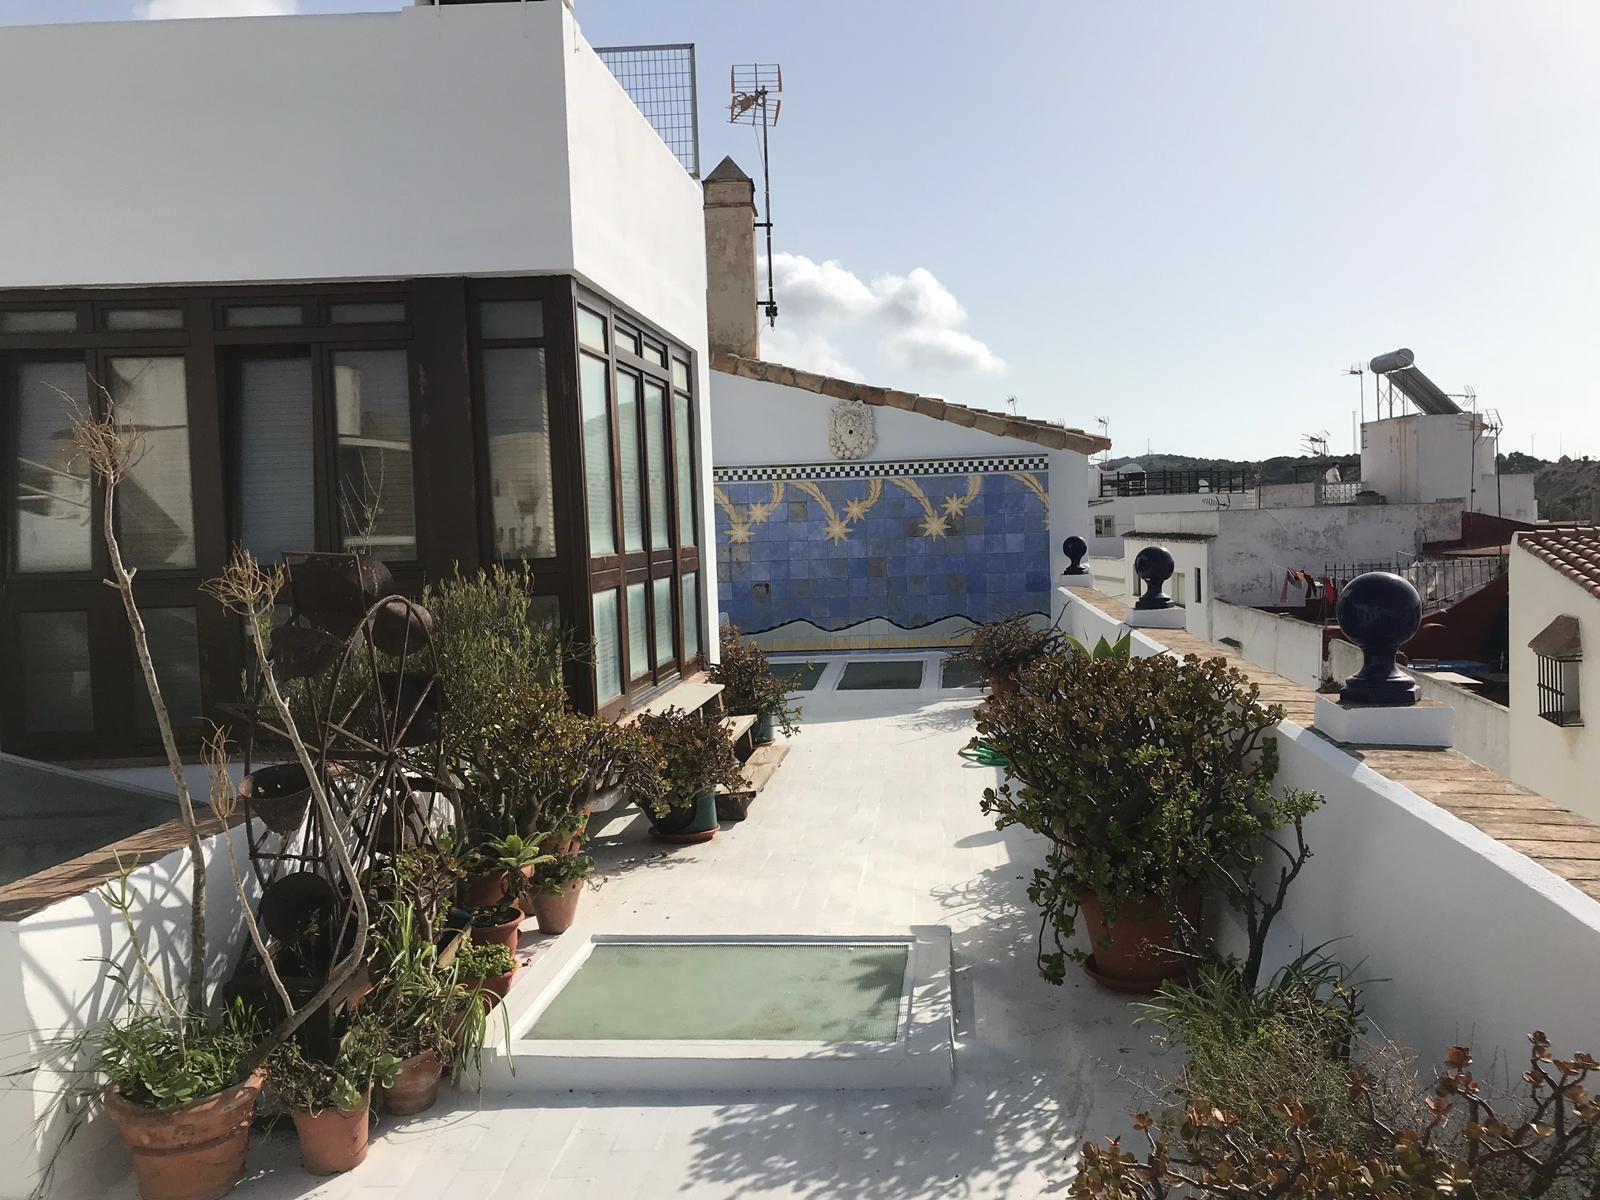 Trabajos de pintura en Cádiz